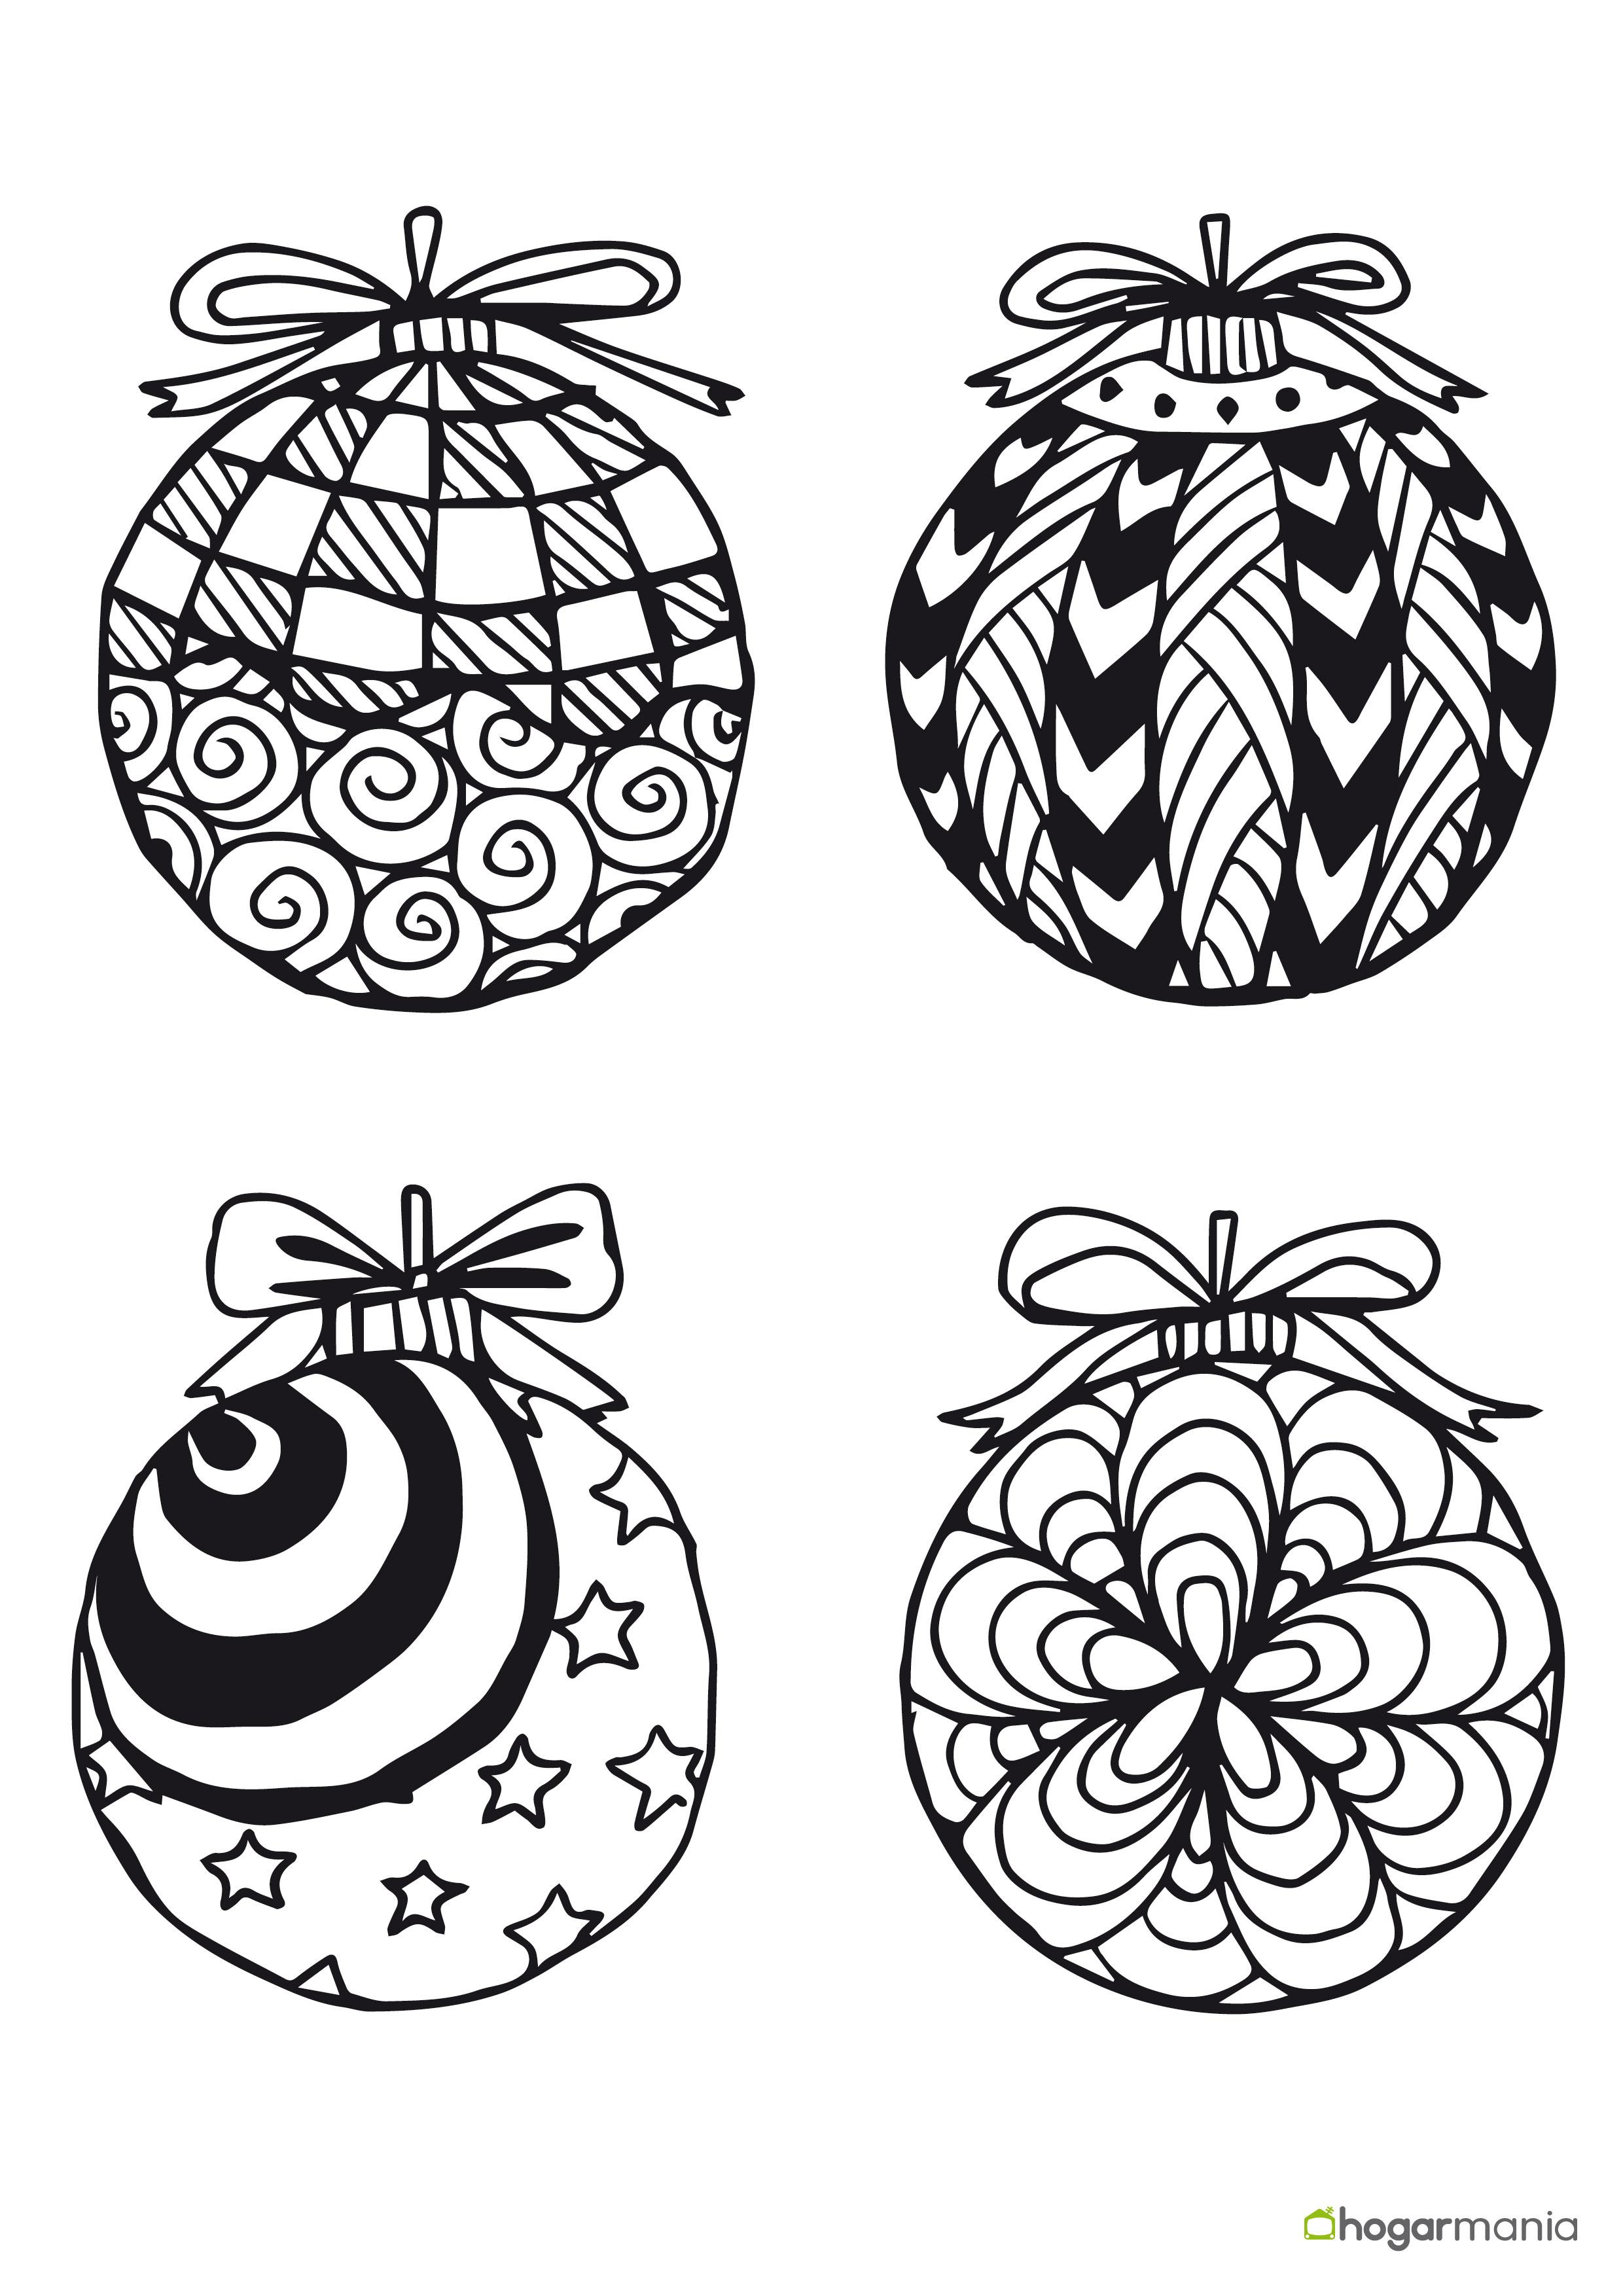 Bola Navidad Para Colorear. Dibujos Para Colorear De Navidad Bolas ...